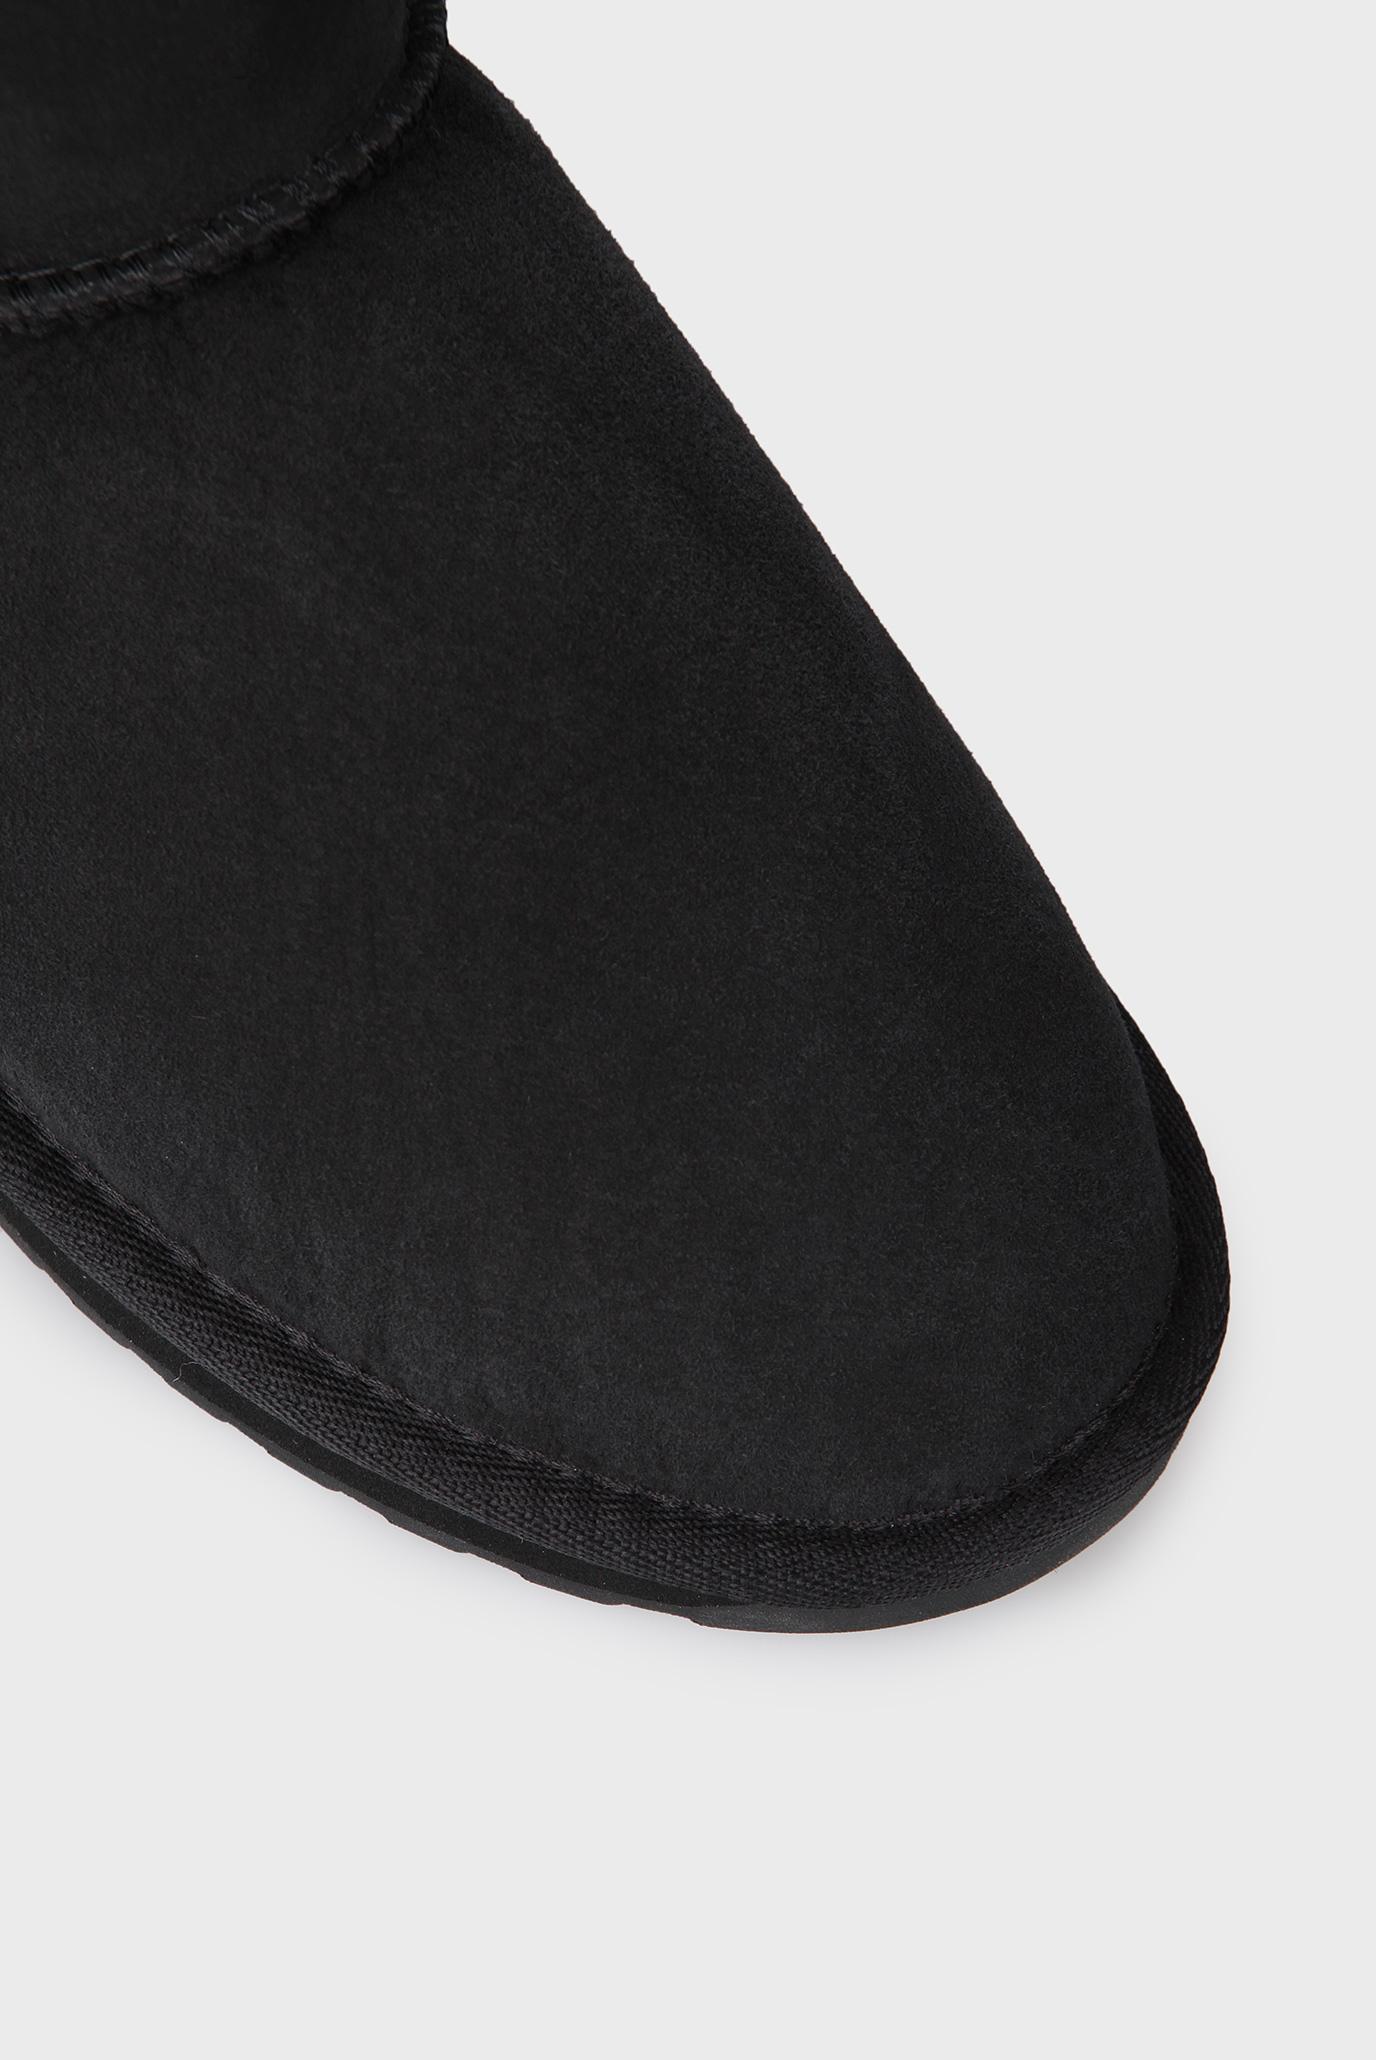 Купить Женские черные замшевые угги EMU Australia  EMU Australia  W10937 – Киев, Украина. Цены в интернет магазине MD Fashion